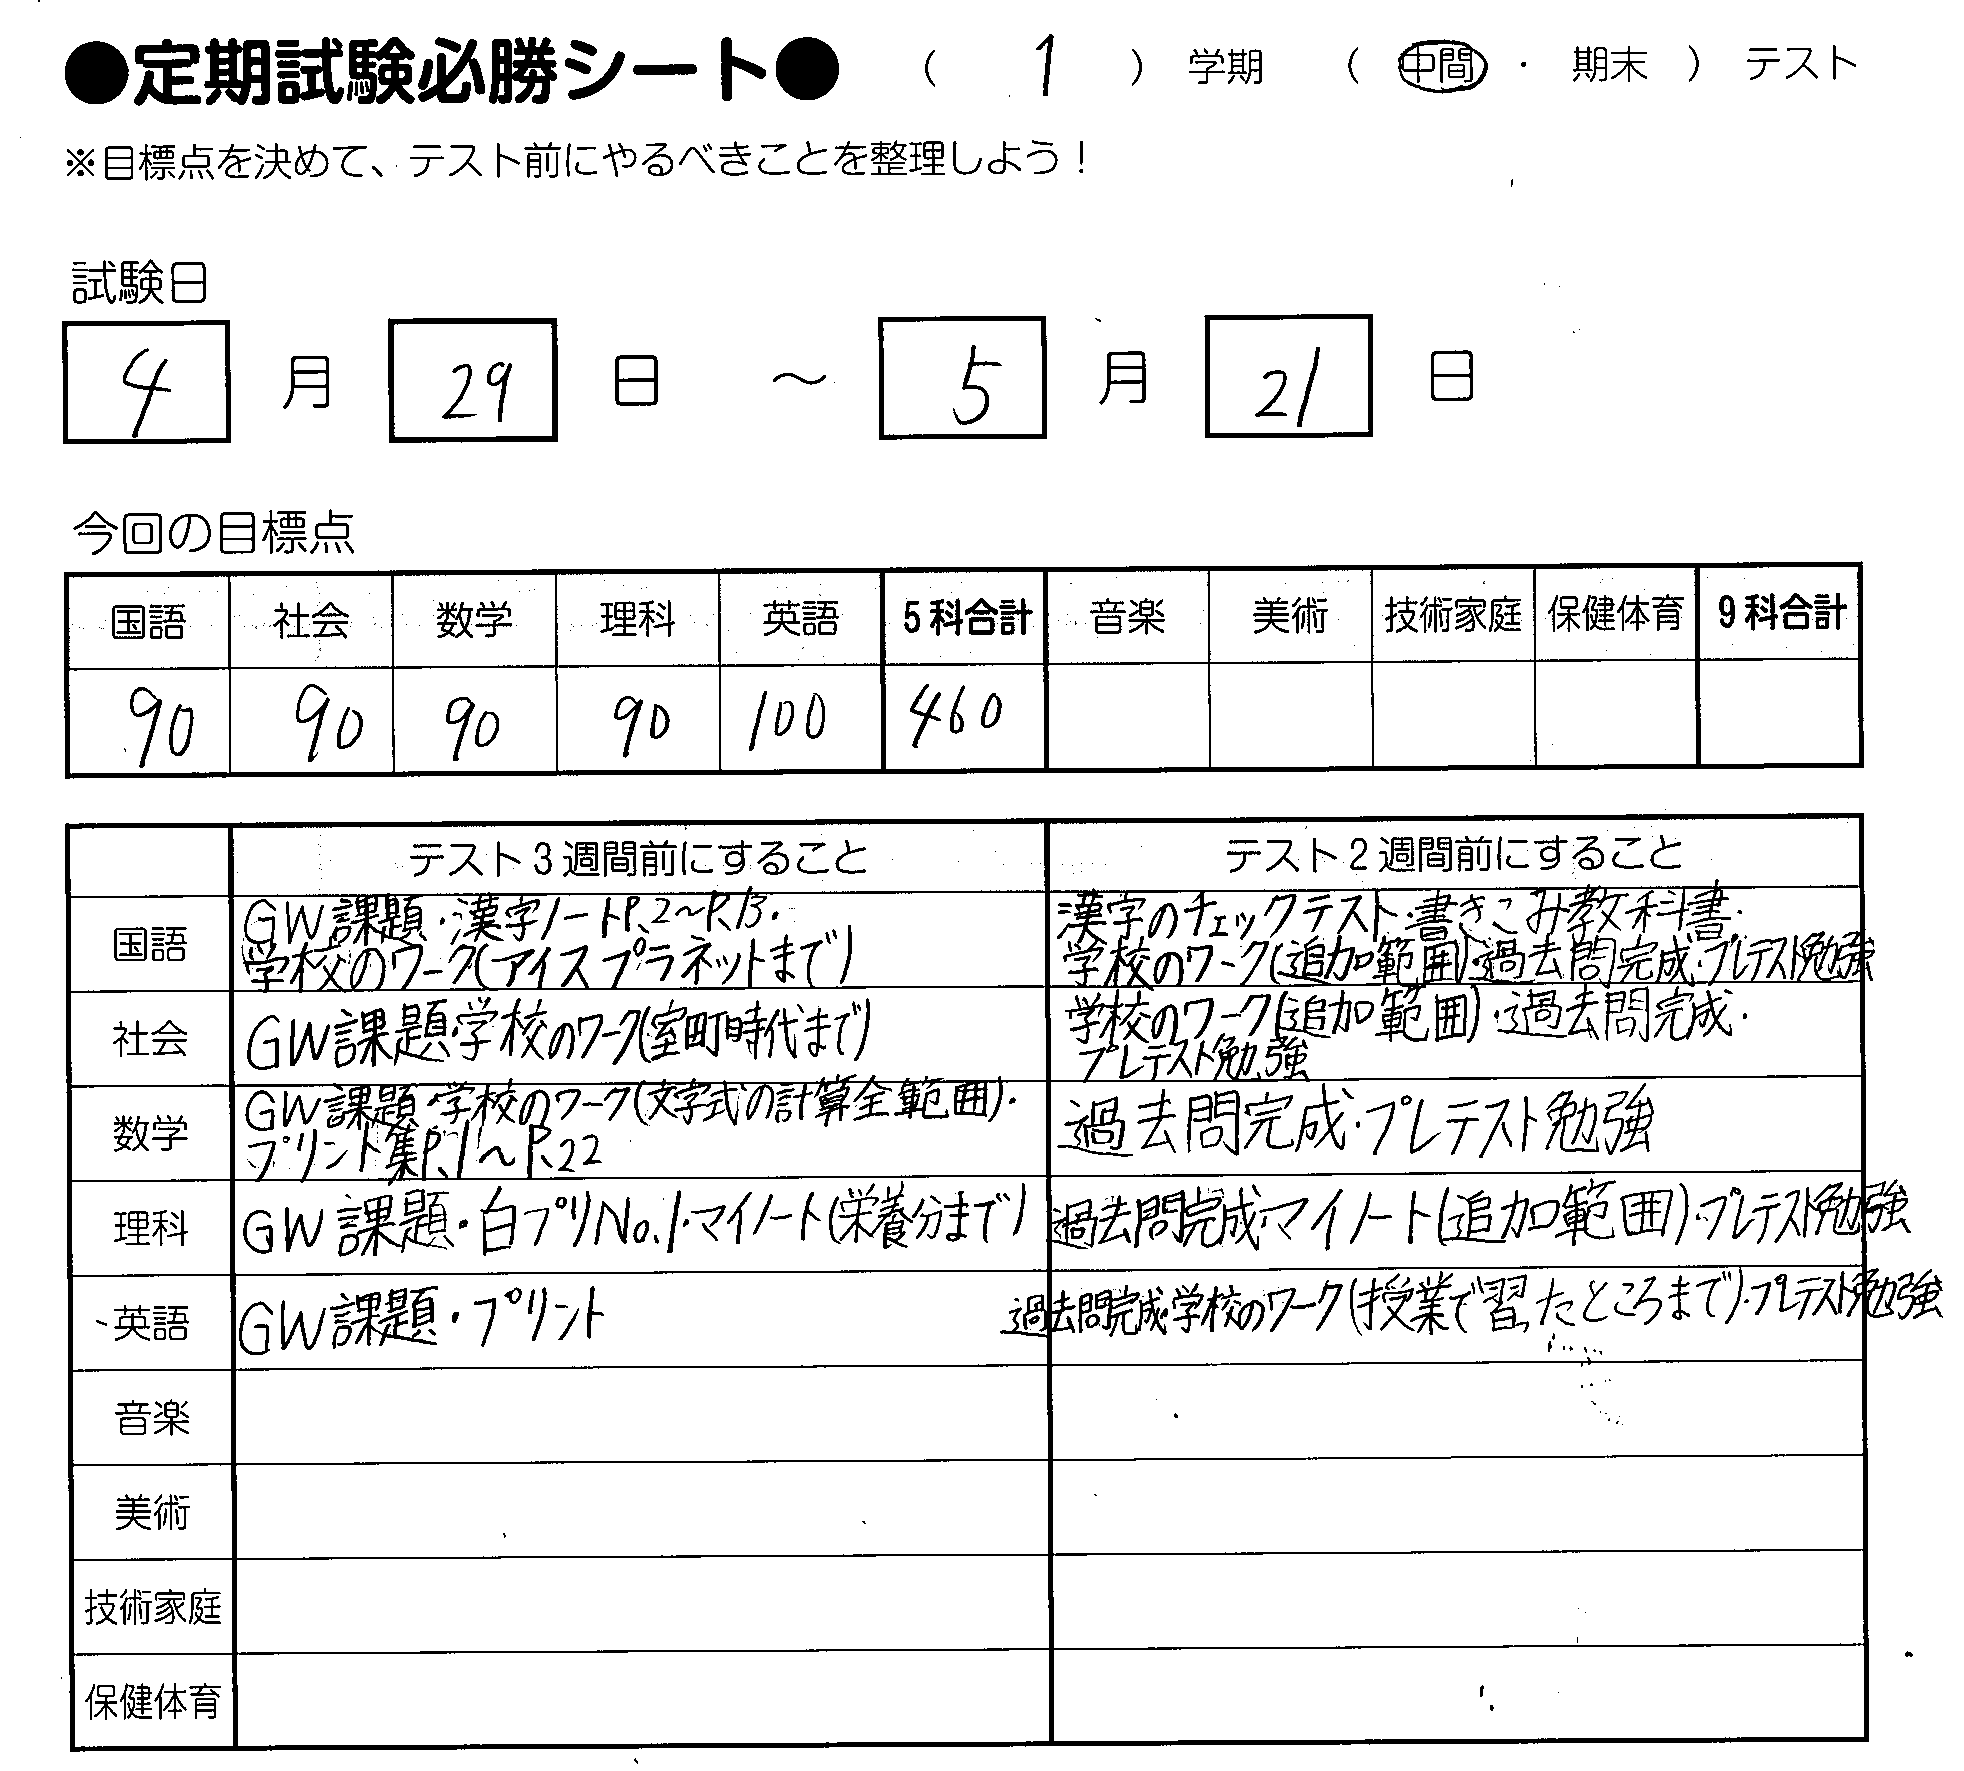 必勝シート例.png